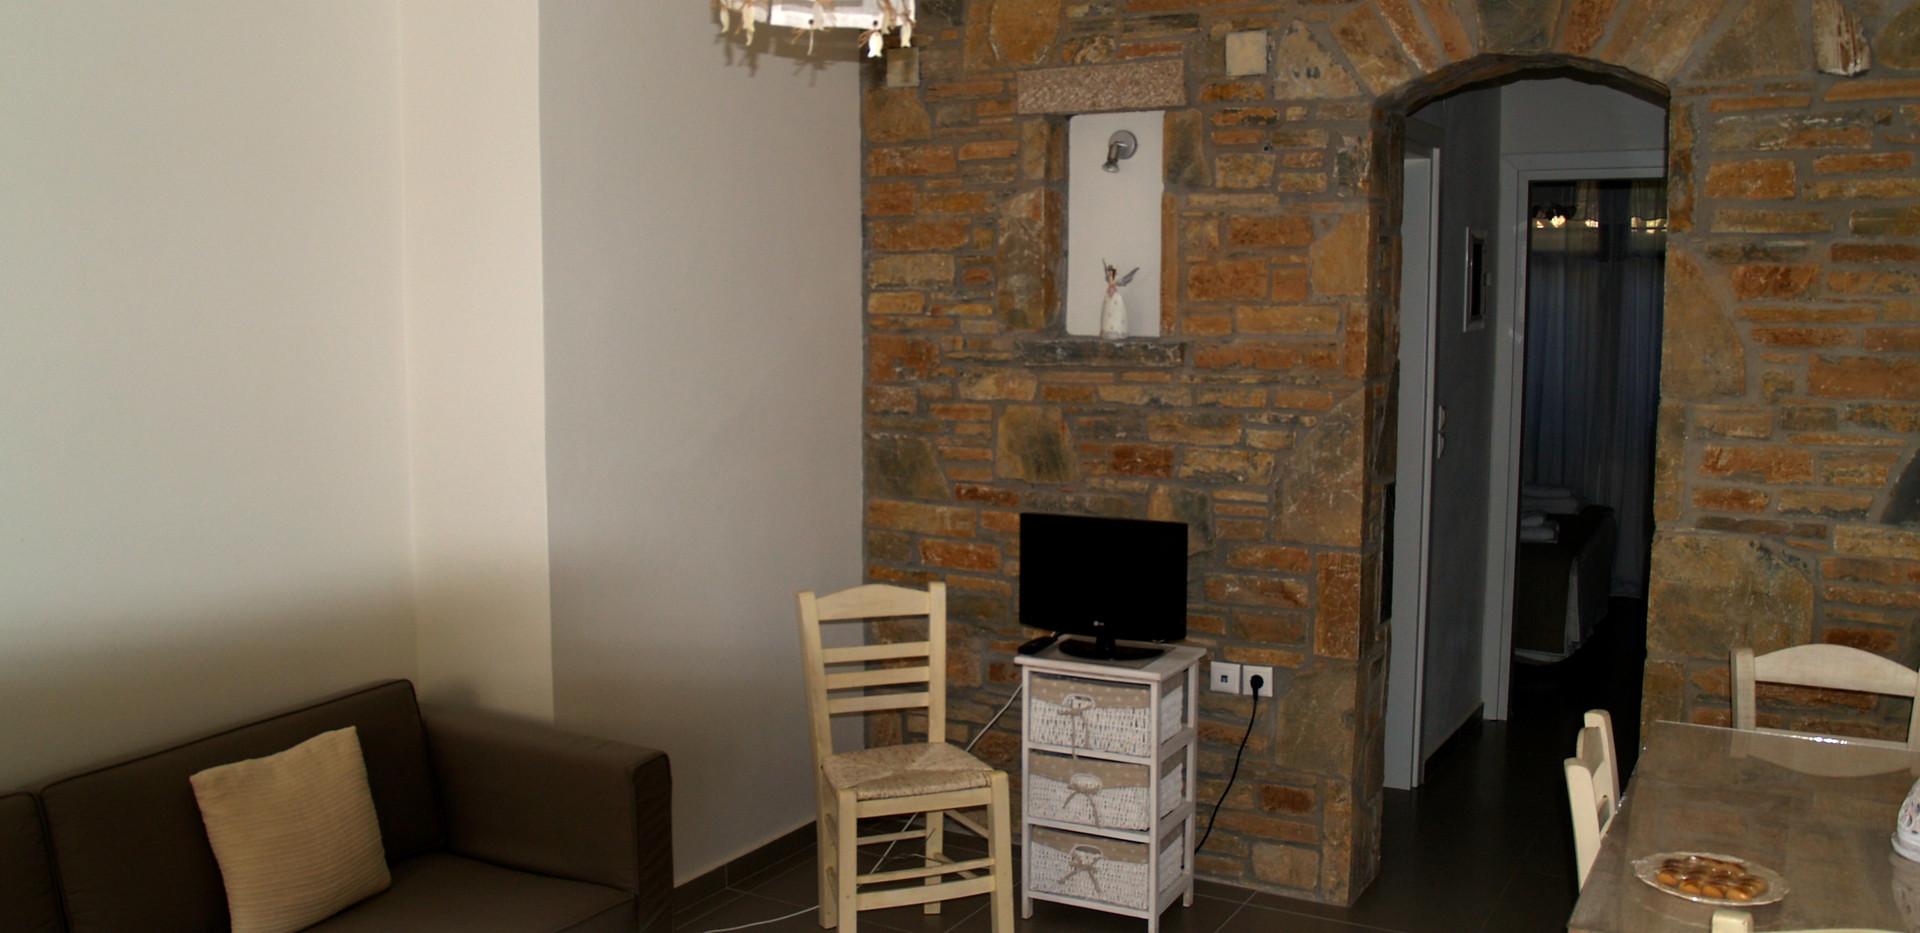 Ifigenia livingroom 1jpg